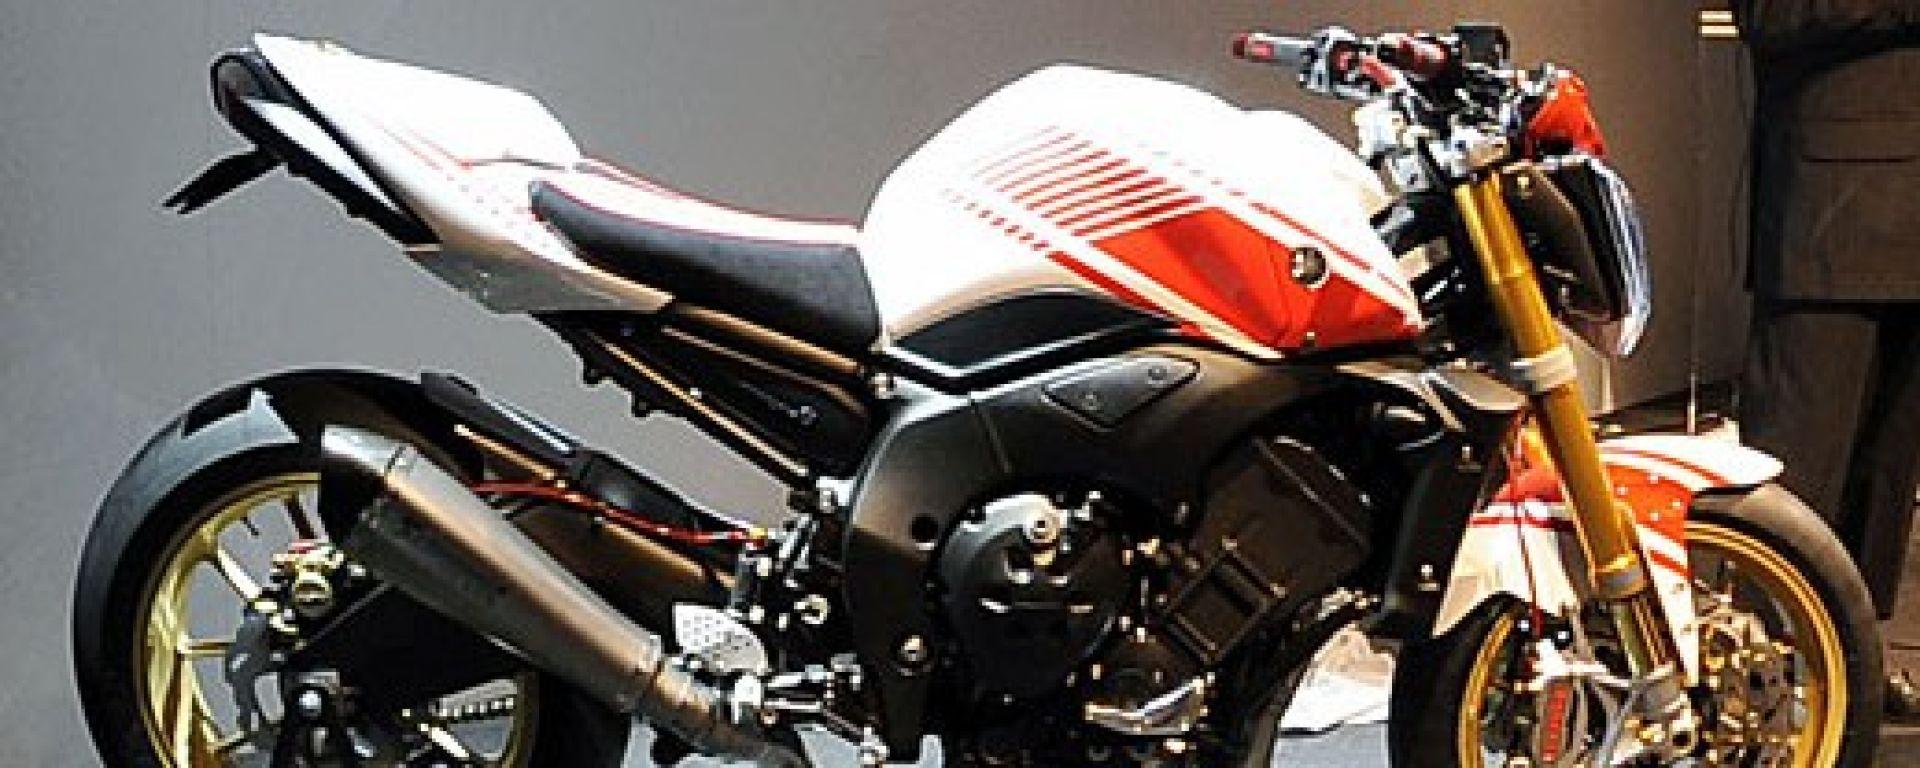 Yamaha FZ1 Abarth Assetto Corse